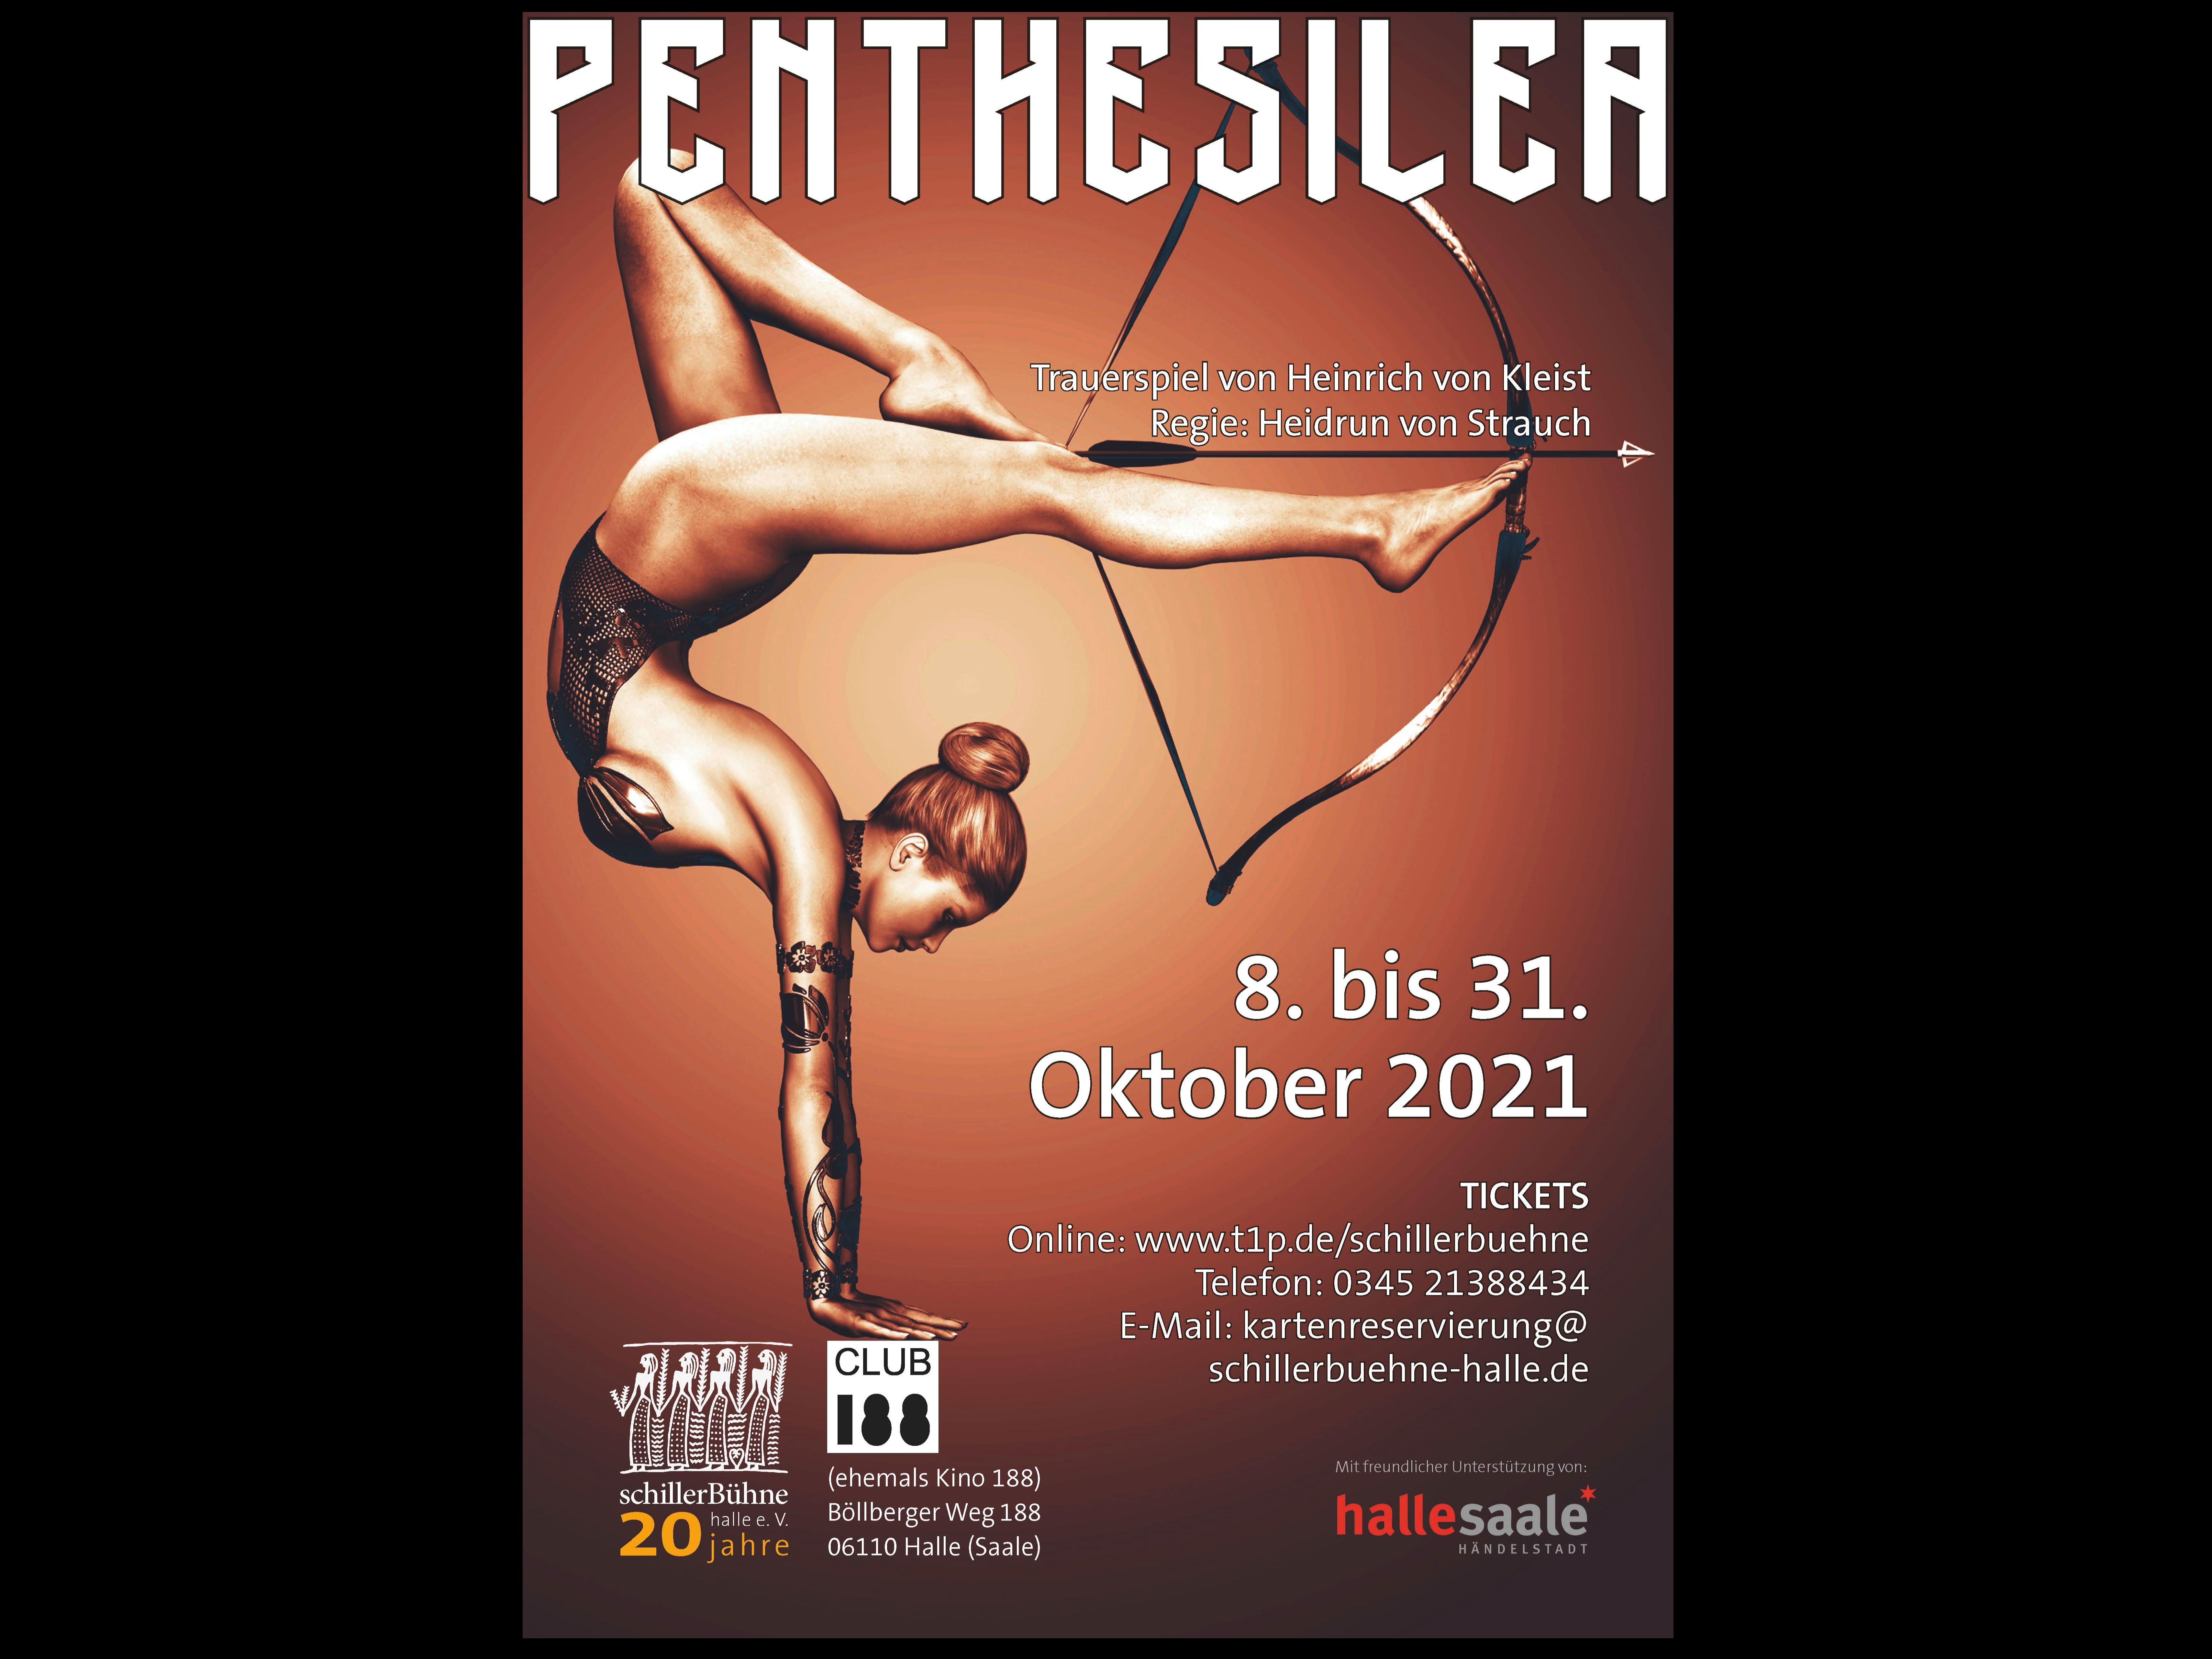 Theater: Penthesilea